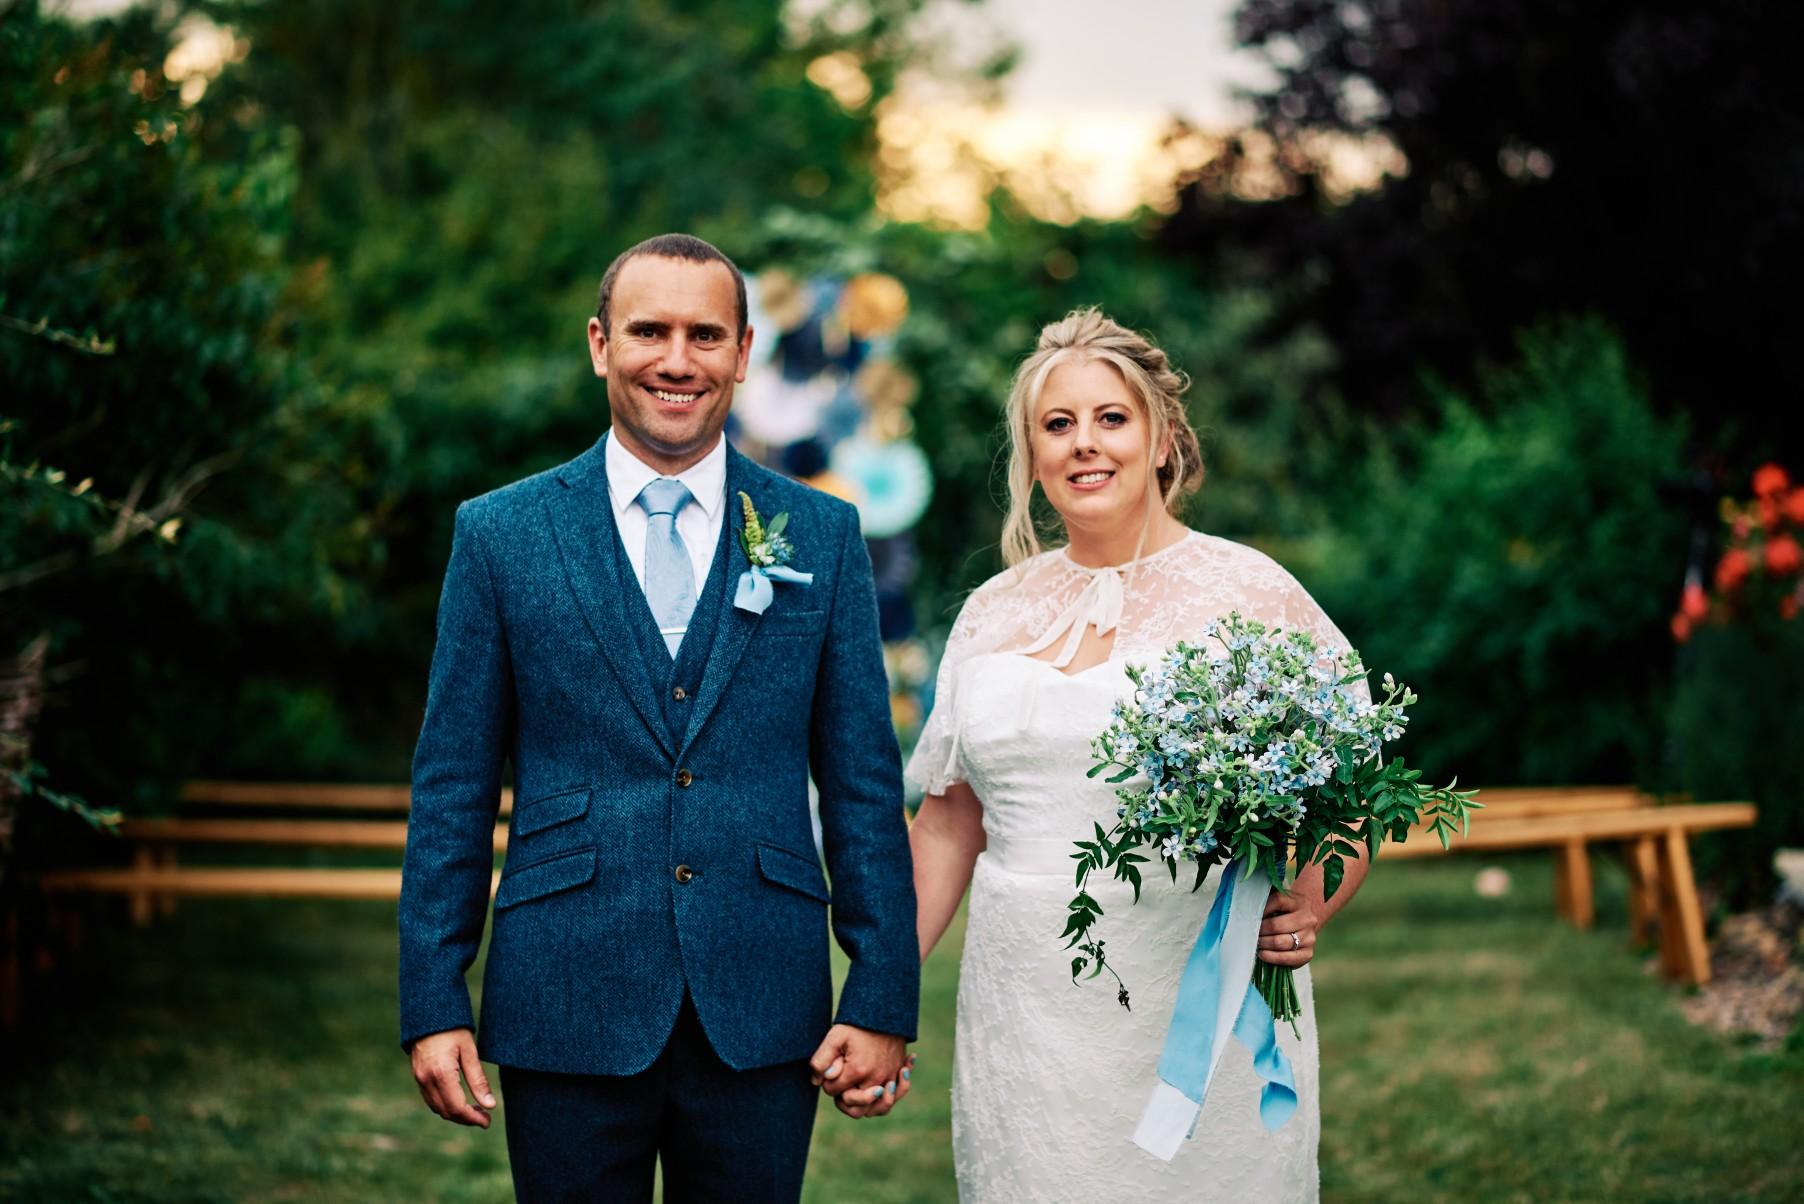 nhs wedding - paramedic wedding - blue and gold wedding - outdoor wedding - micro wedding - surprise wedding - blue wedding